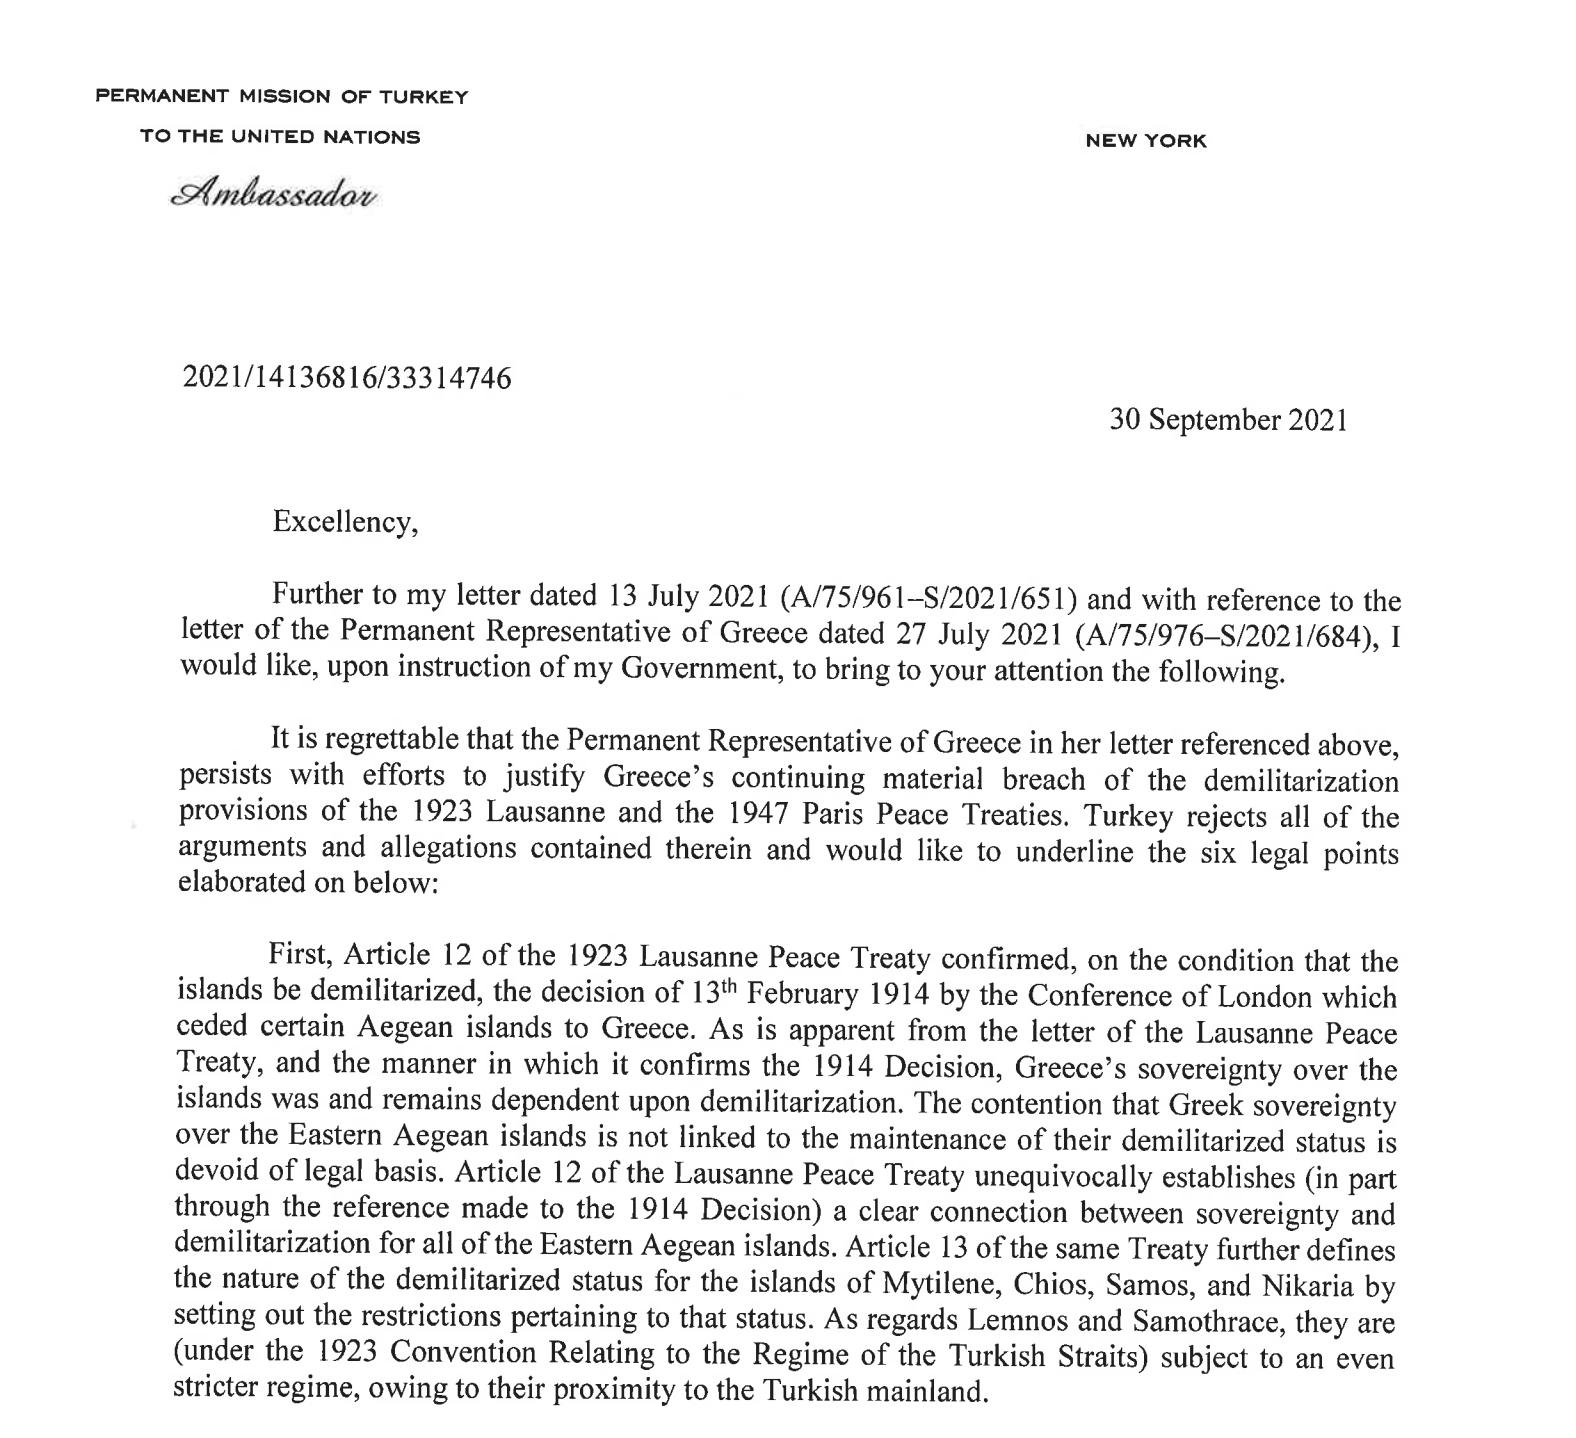 «Η Ελλάδα δεν έχει δικαιώματα στα νησιά» – Η «Κ» αποκαλύπτει την επιστολή της Τουρκίας στον ΟΗΕ, φωτογραφία-1